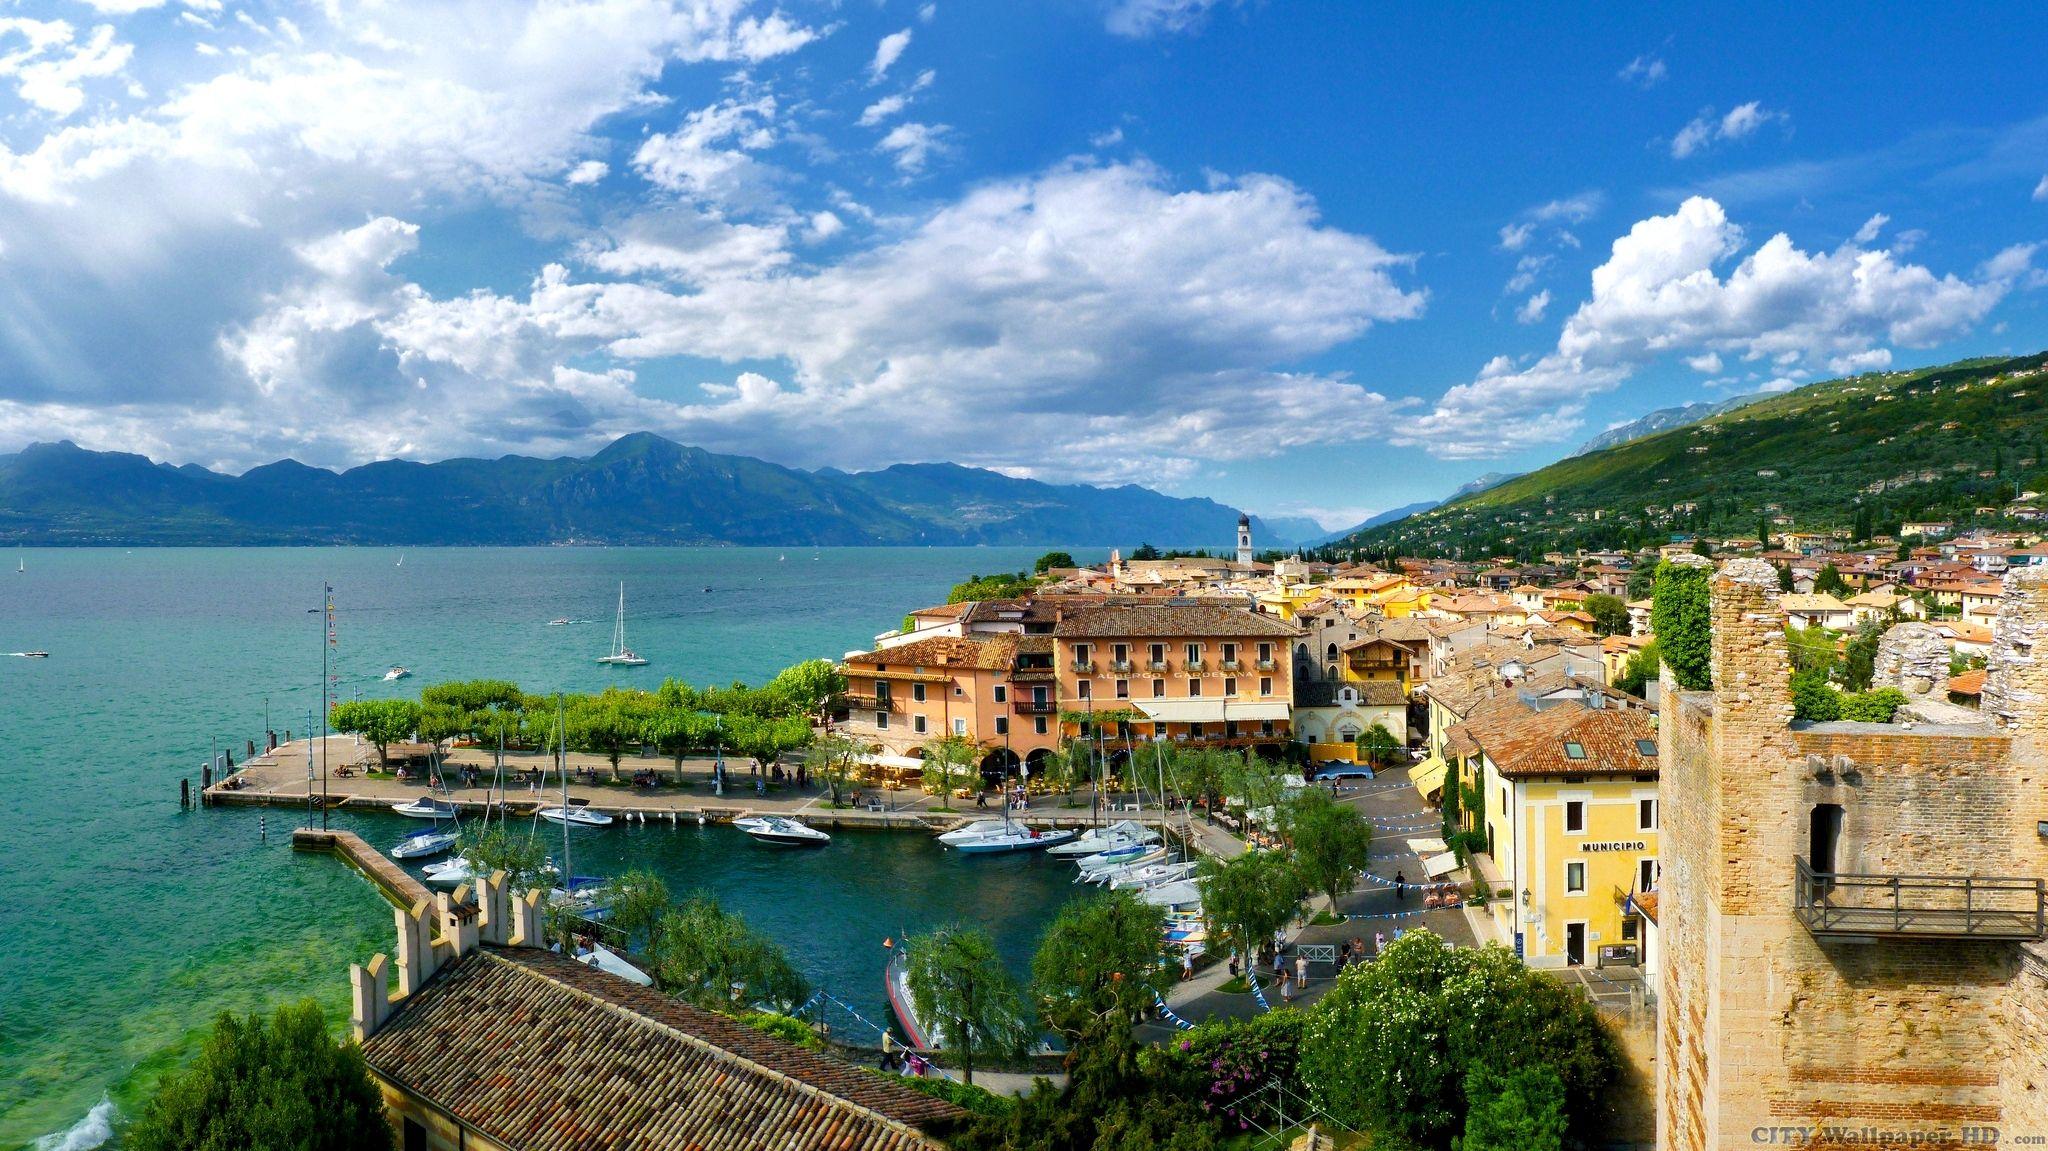 Apartment on Lake Garda